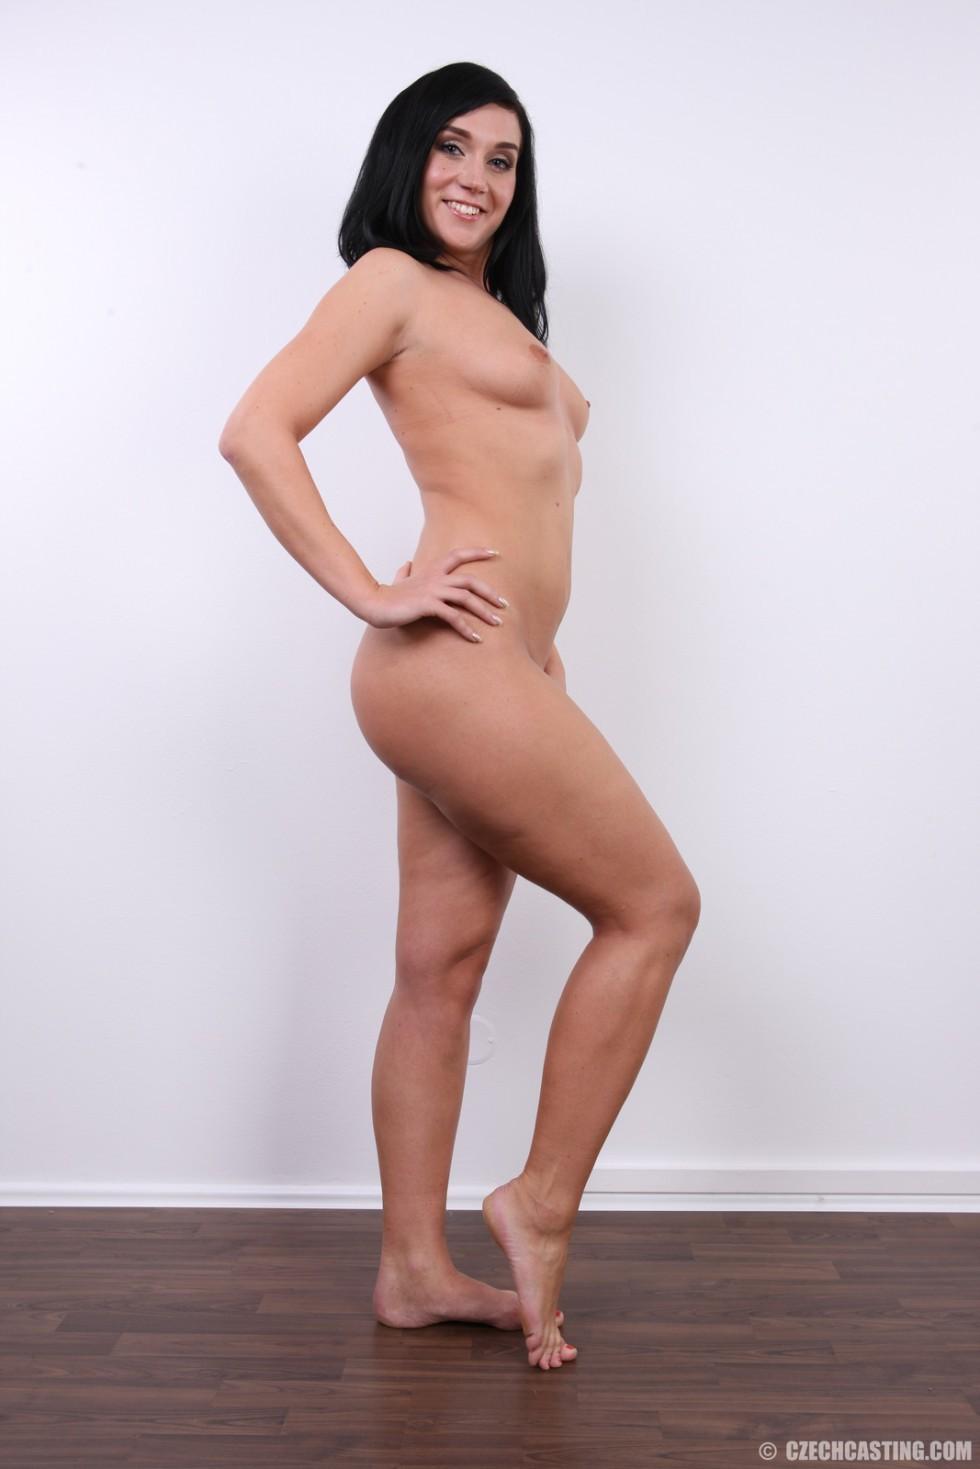 Хорошенькая девица оказывается еще той игривой сучкой, с удовольствием презентующей свое тело